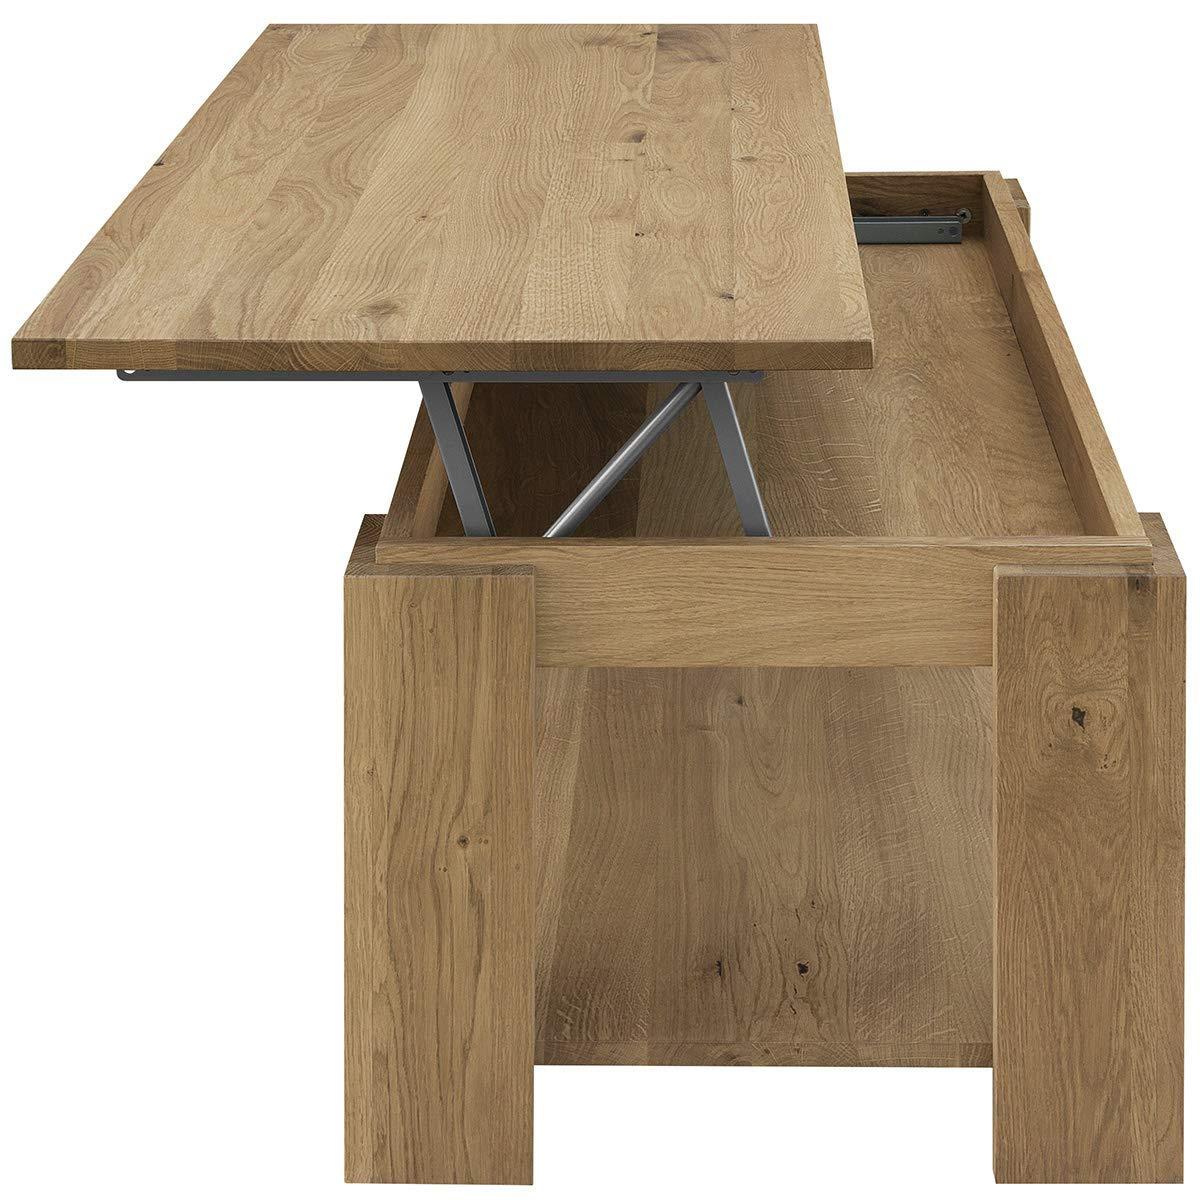 COMIFORT Comiford Couchtisch für Das Wohnzimmer, höhenverstellbar, mit integriertem aus Zeitungsständer, aus integriertem massivem Eichenholz, 100 x 50 x 43 55 cm 323f98